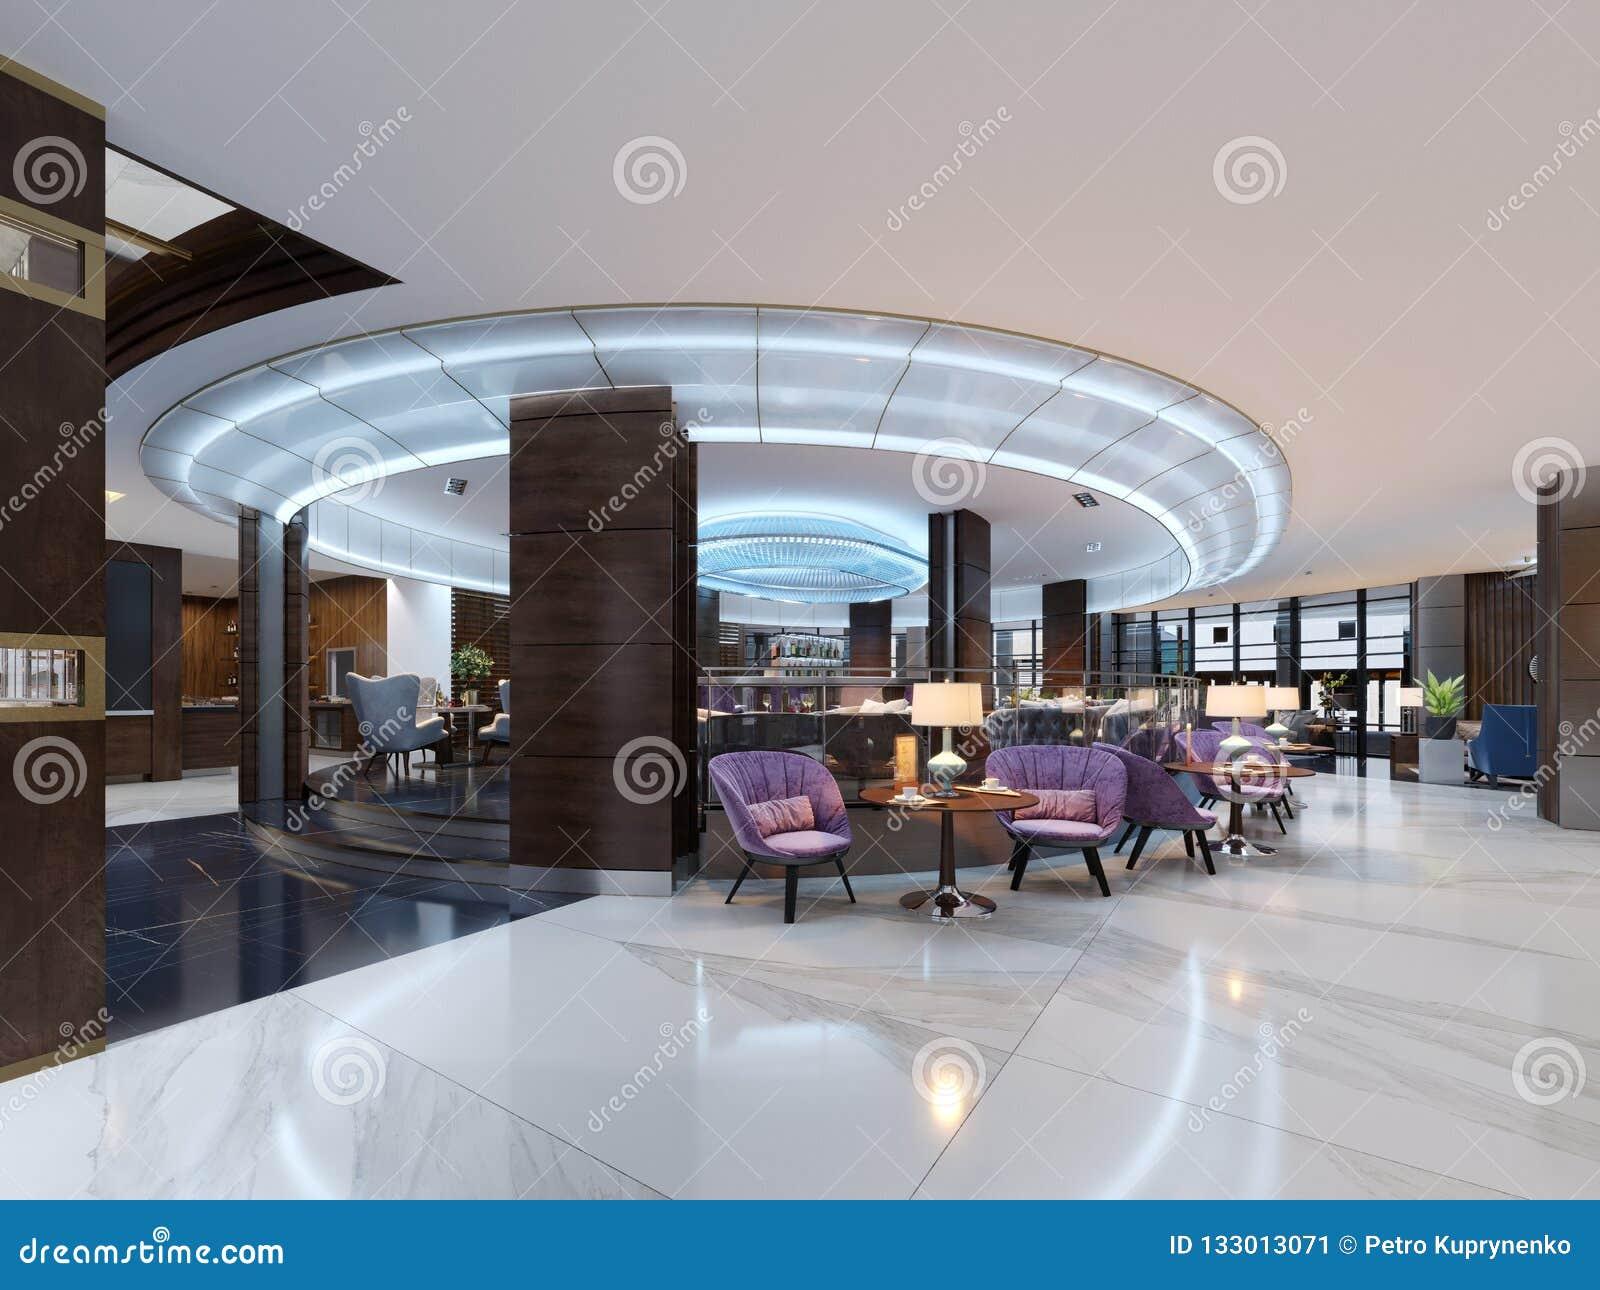 Eine gemütliche Cafeteria in der Lobby mit bequemen gepolsterten Stühlen und in einer Tabelle mit einer Lampe